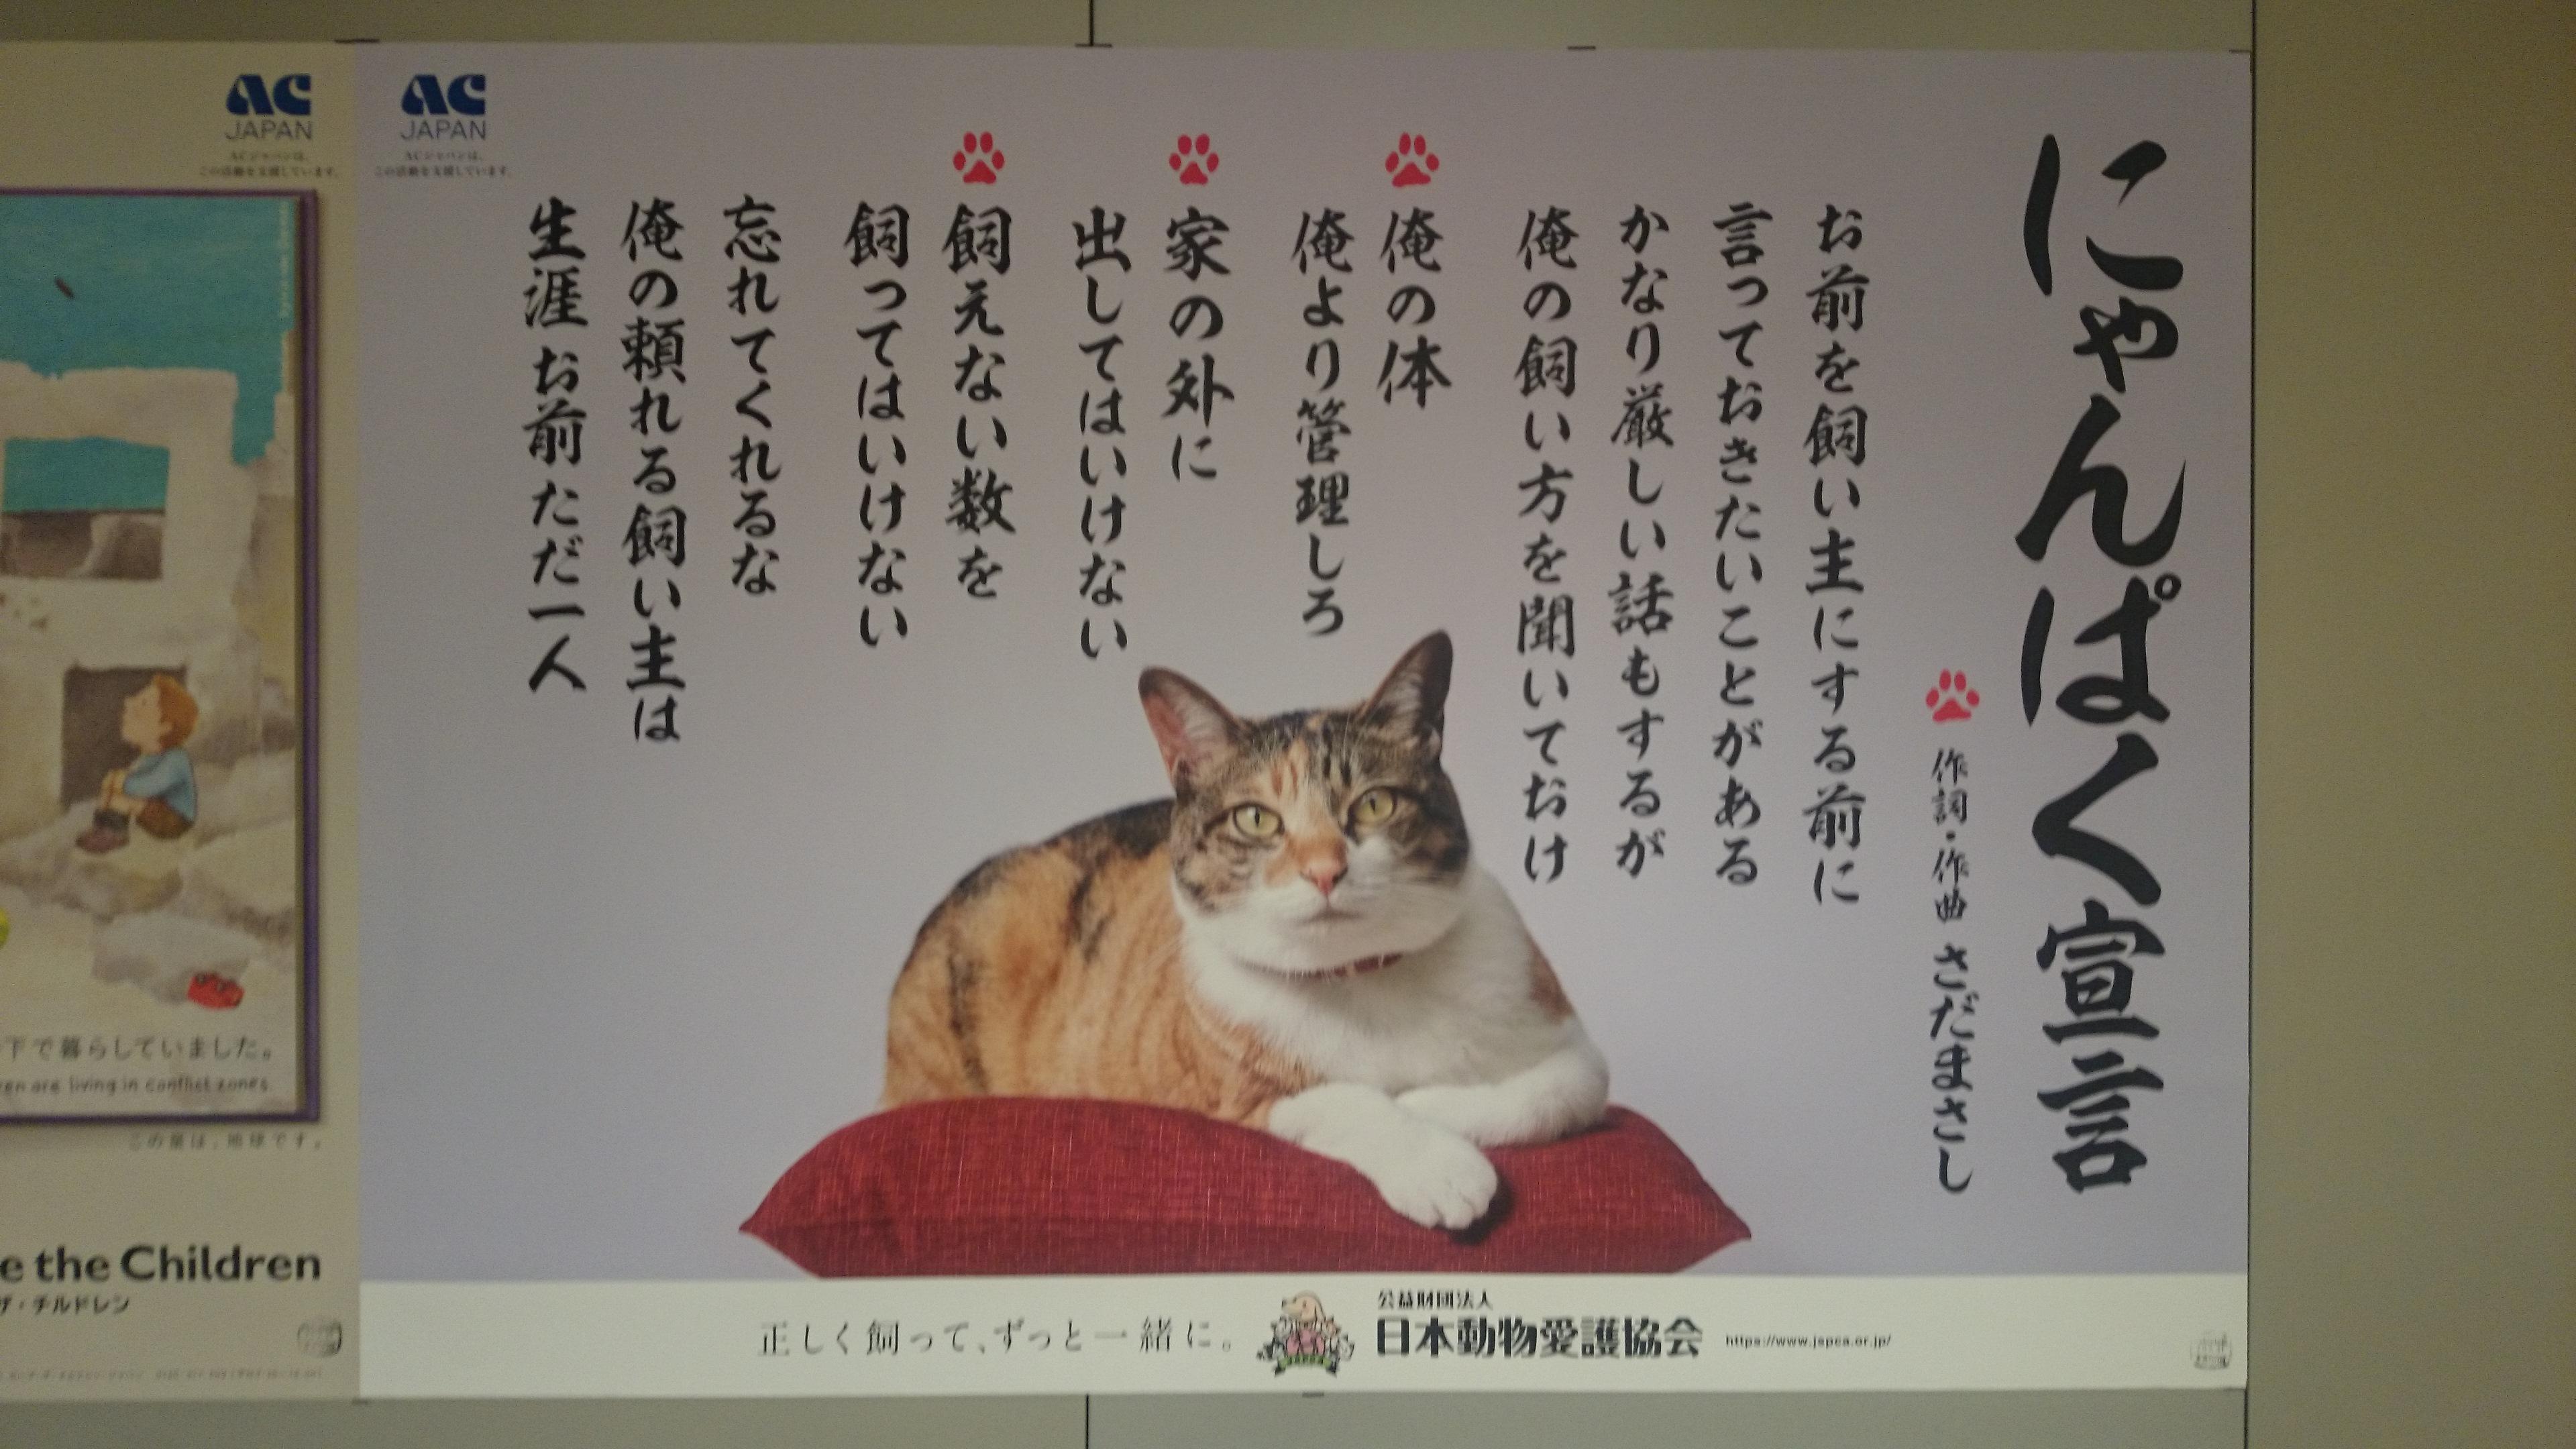 宣言 歌詞 ぱく にゃん